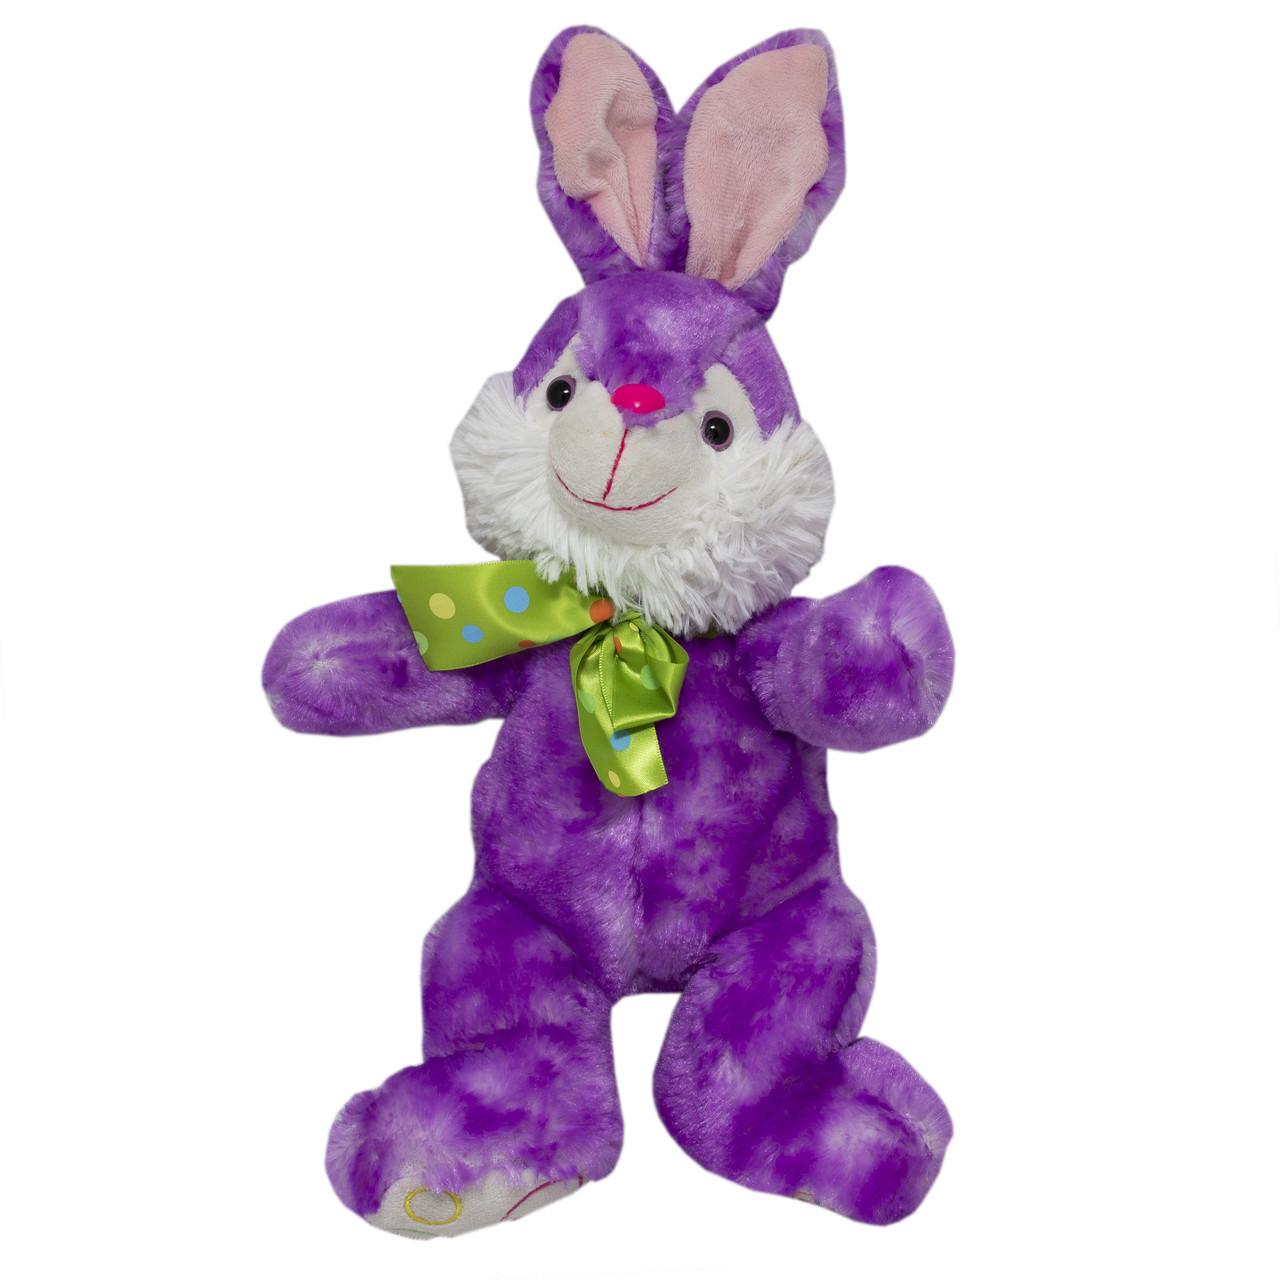 Мягкая игрушка - кролик сиреневый, 23 см, сиреневый, полиэстер (M1222923-2)